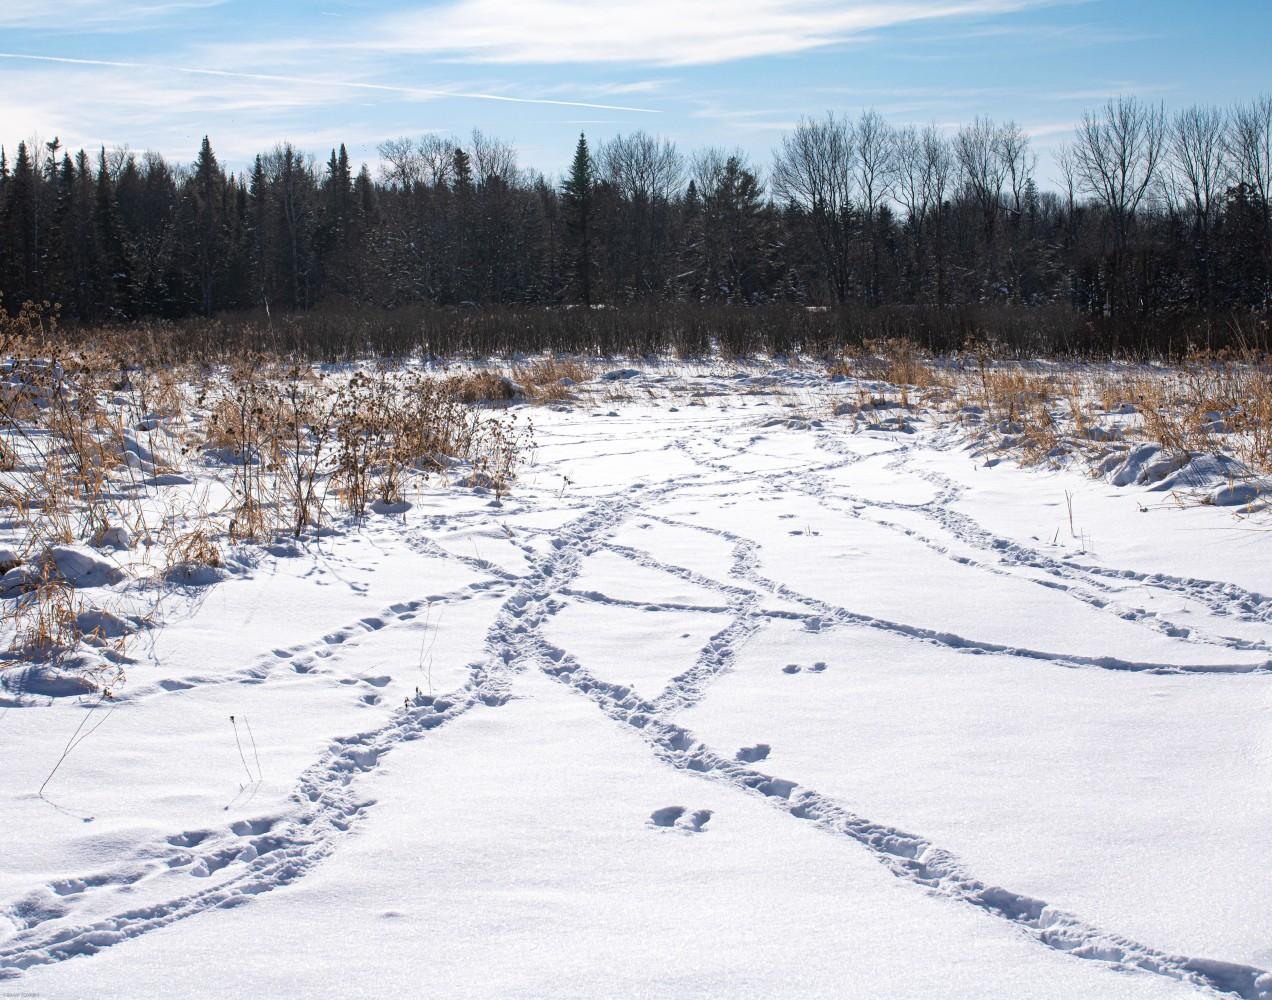 p 2 next to animal tracks